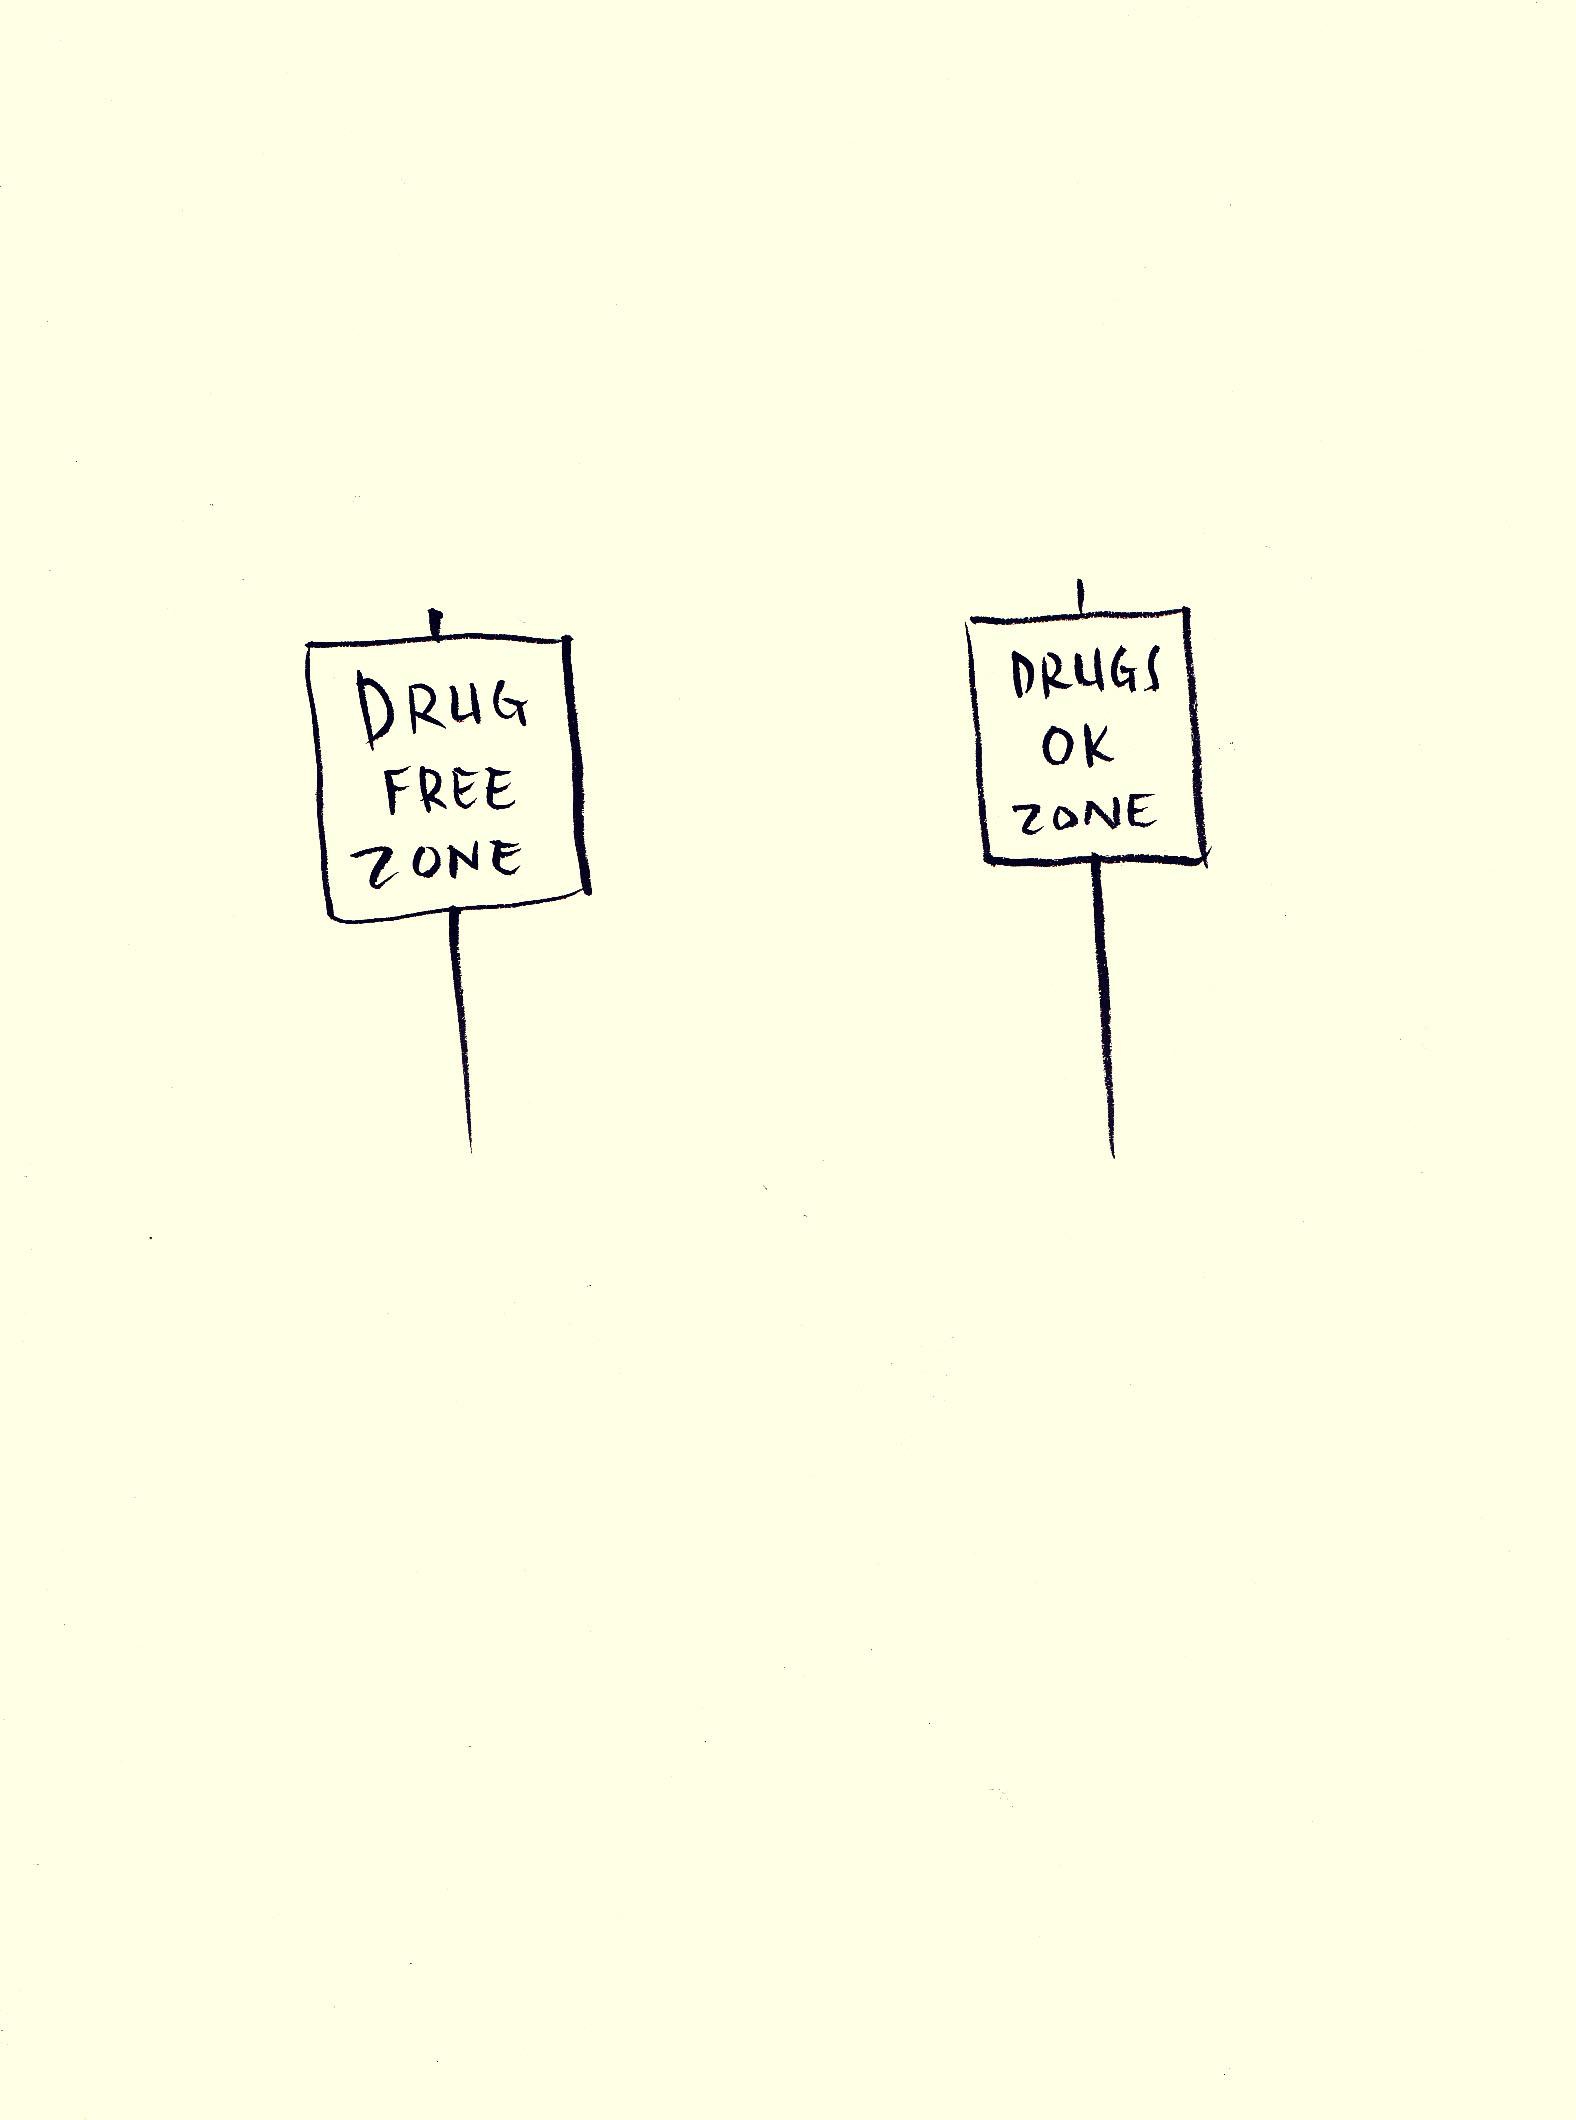 drug free zone.jpg